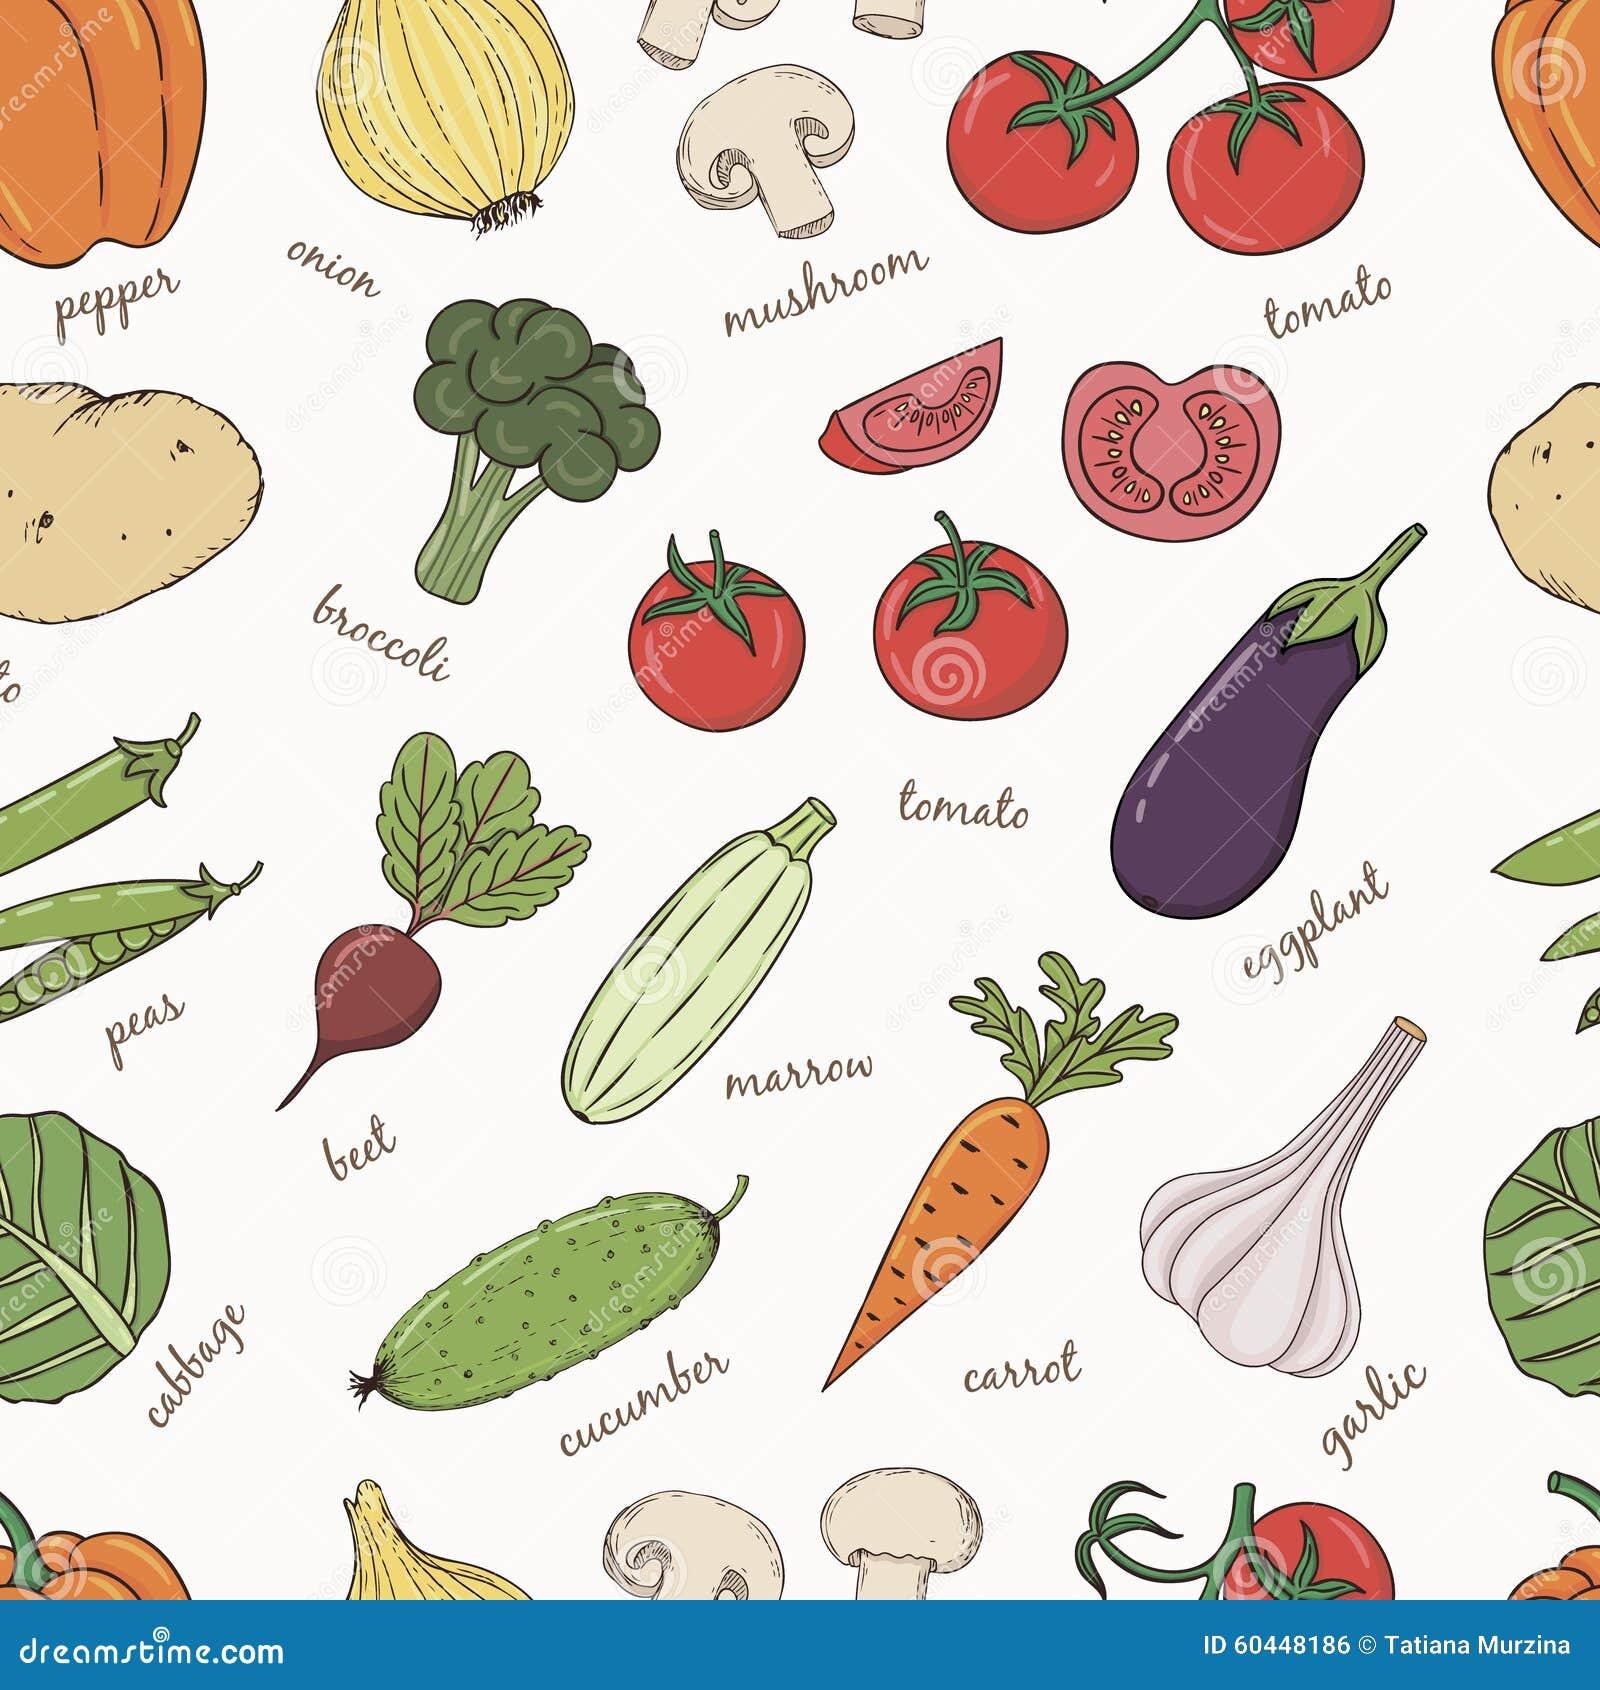 namn på alla grönsaker